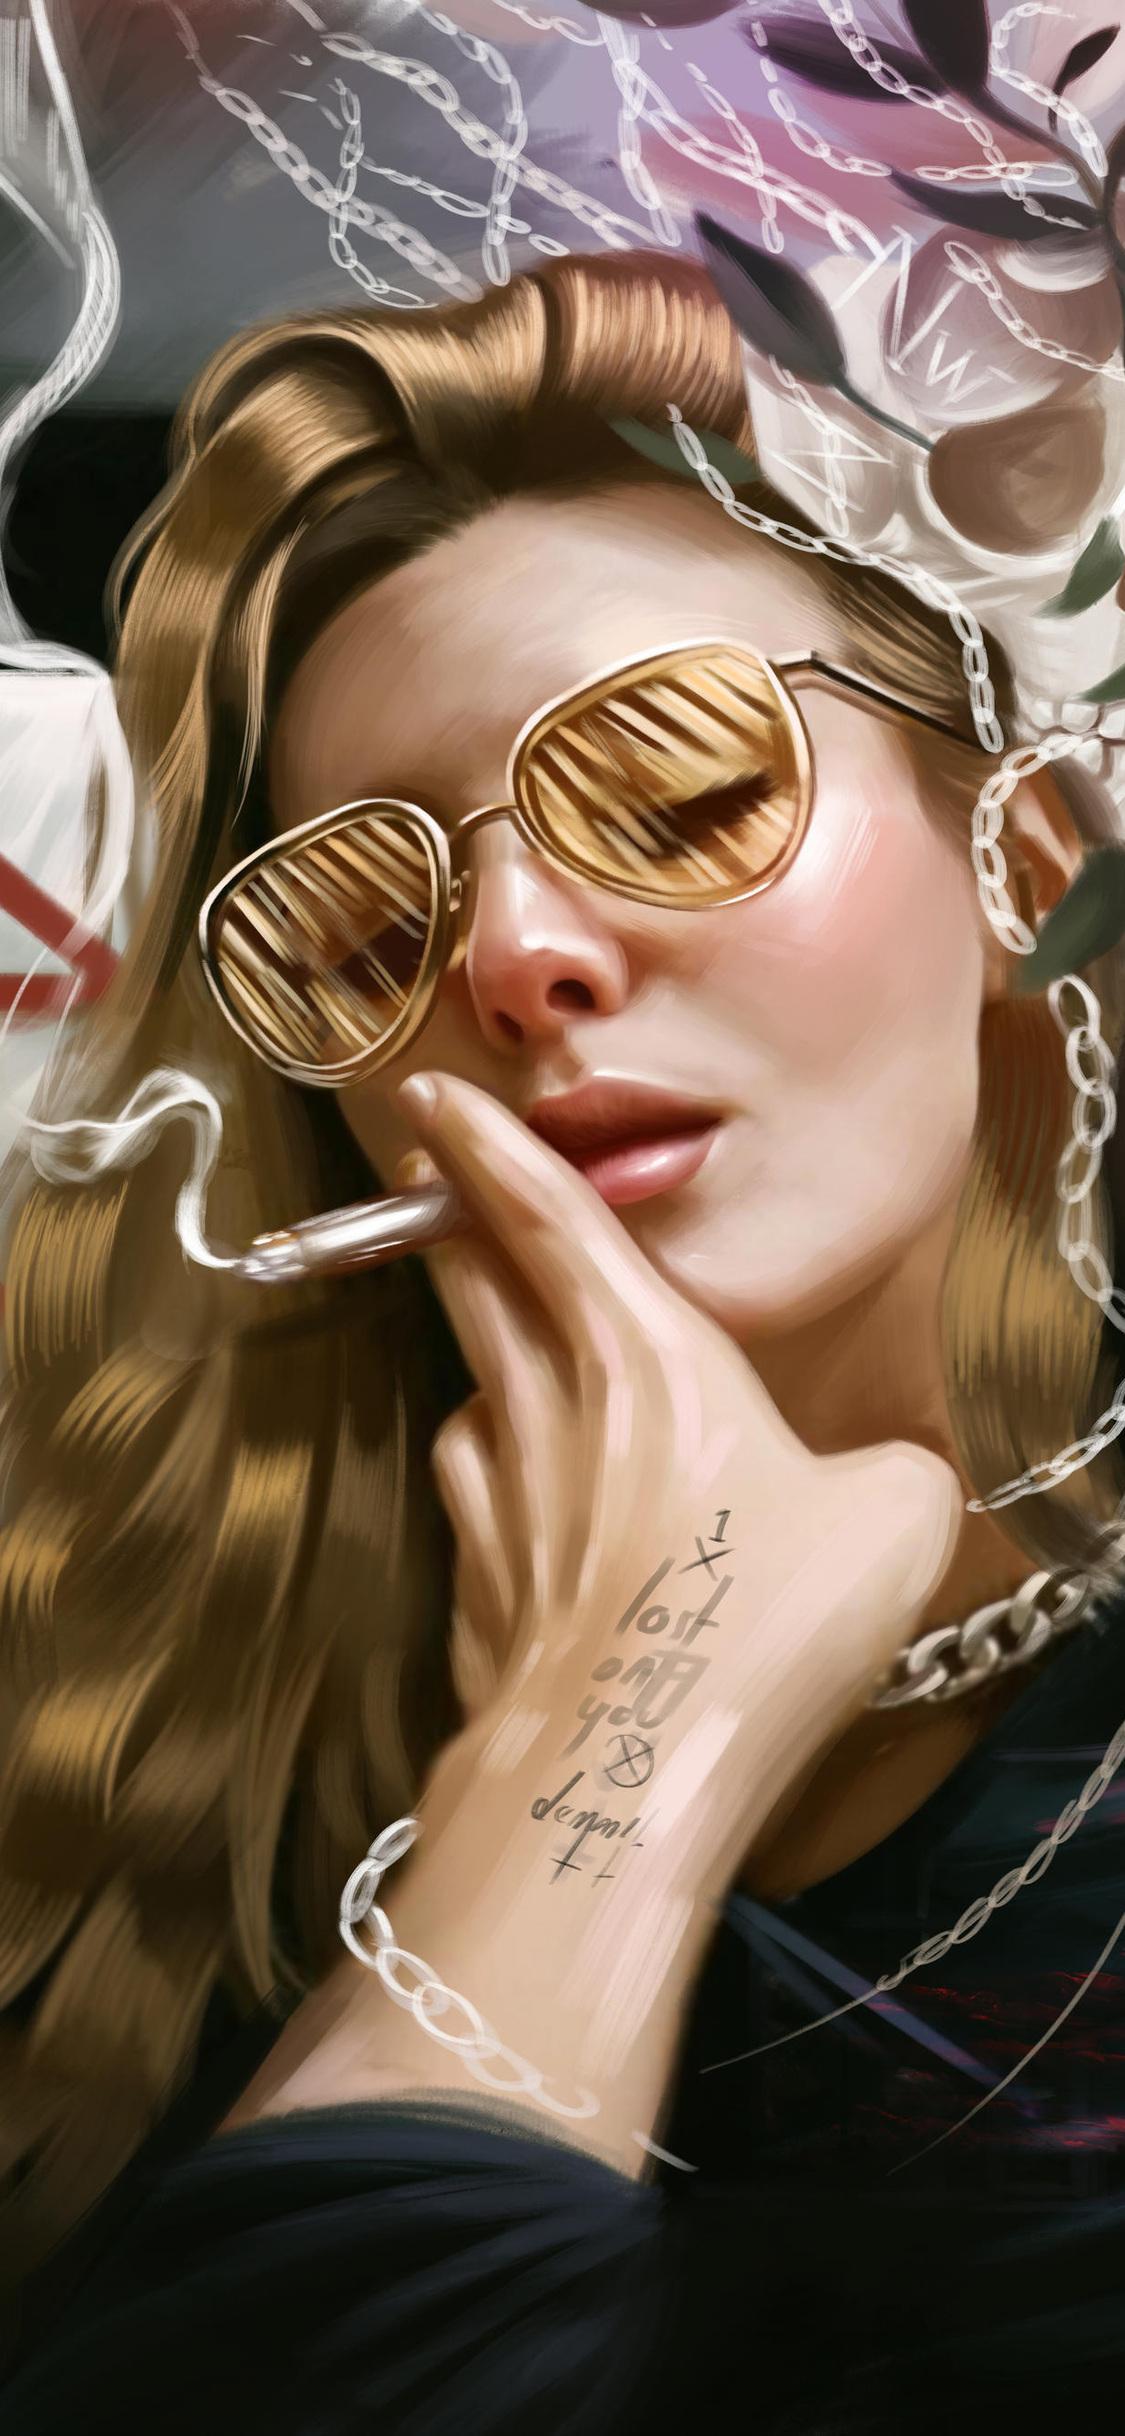 girl-smoking-glasses-v1.jpg